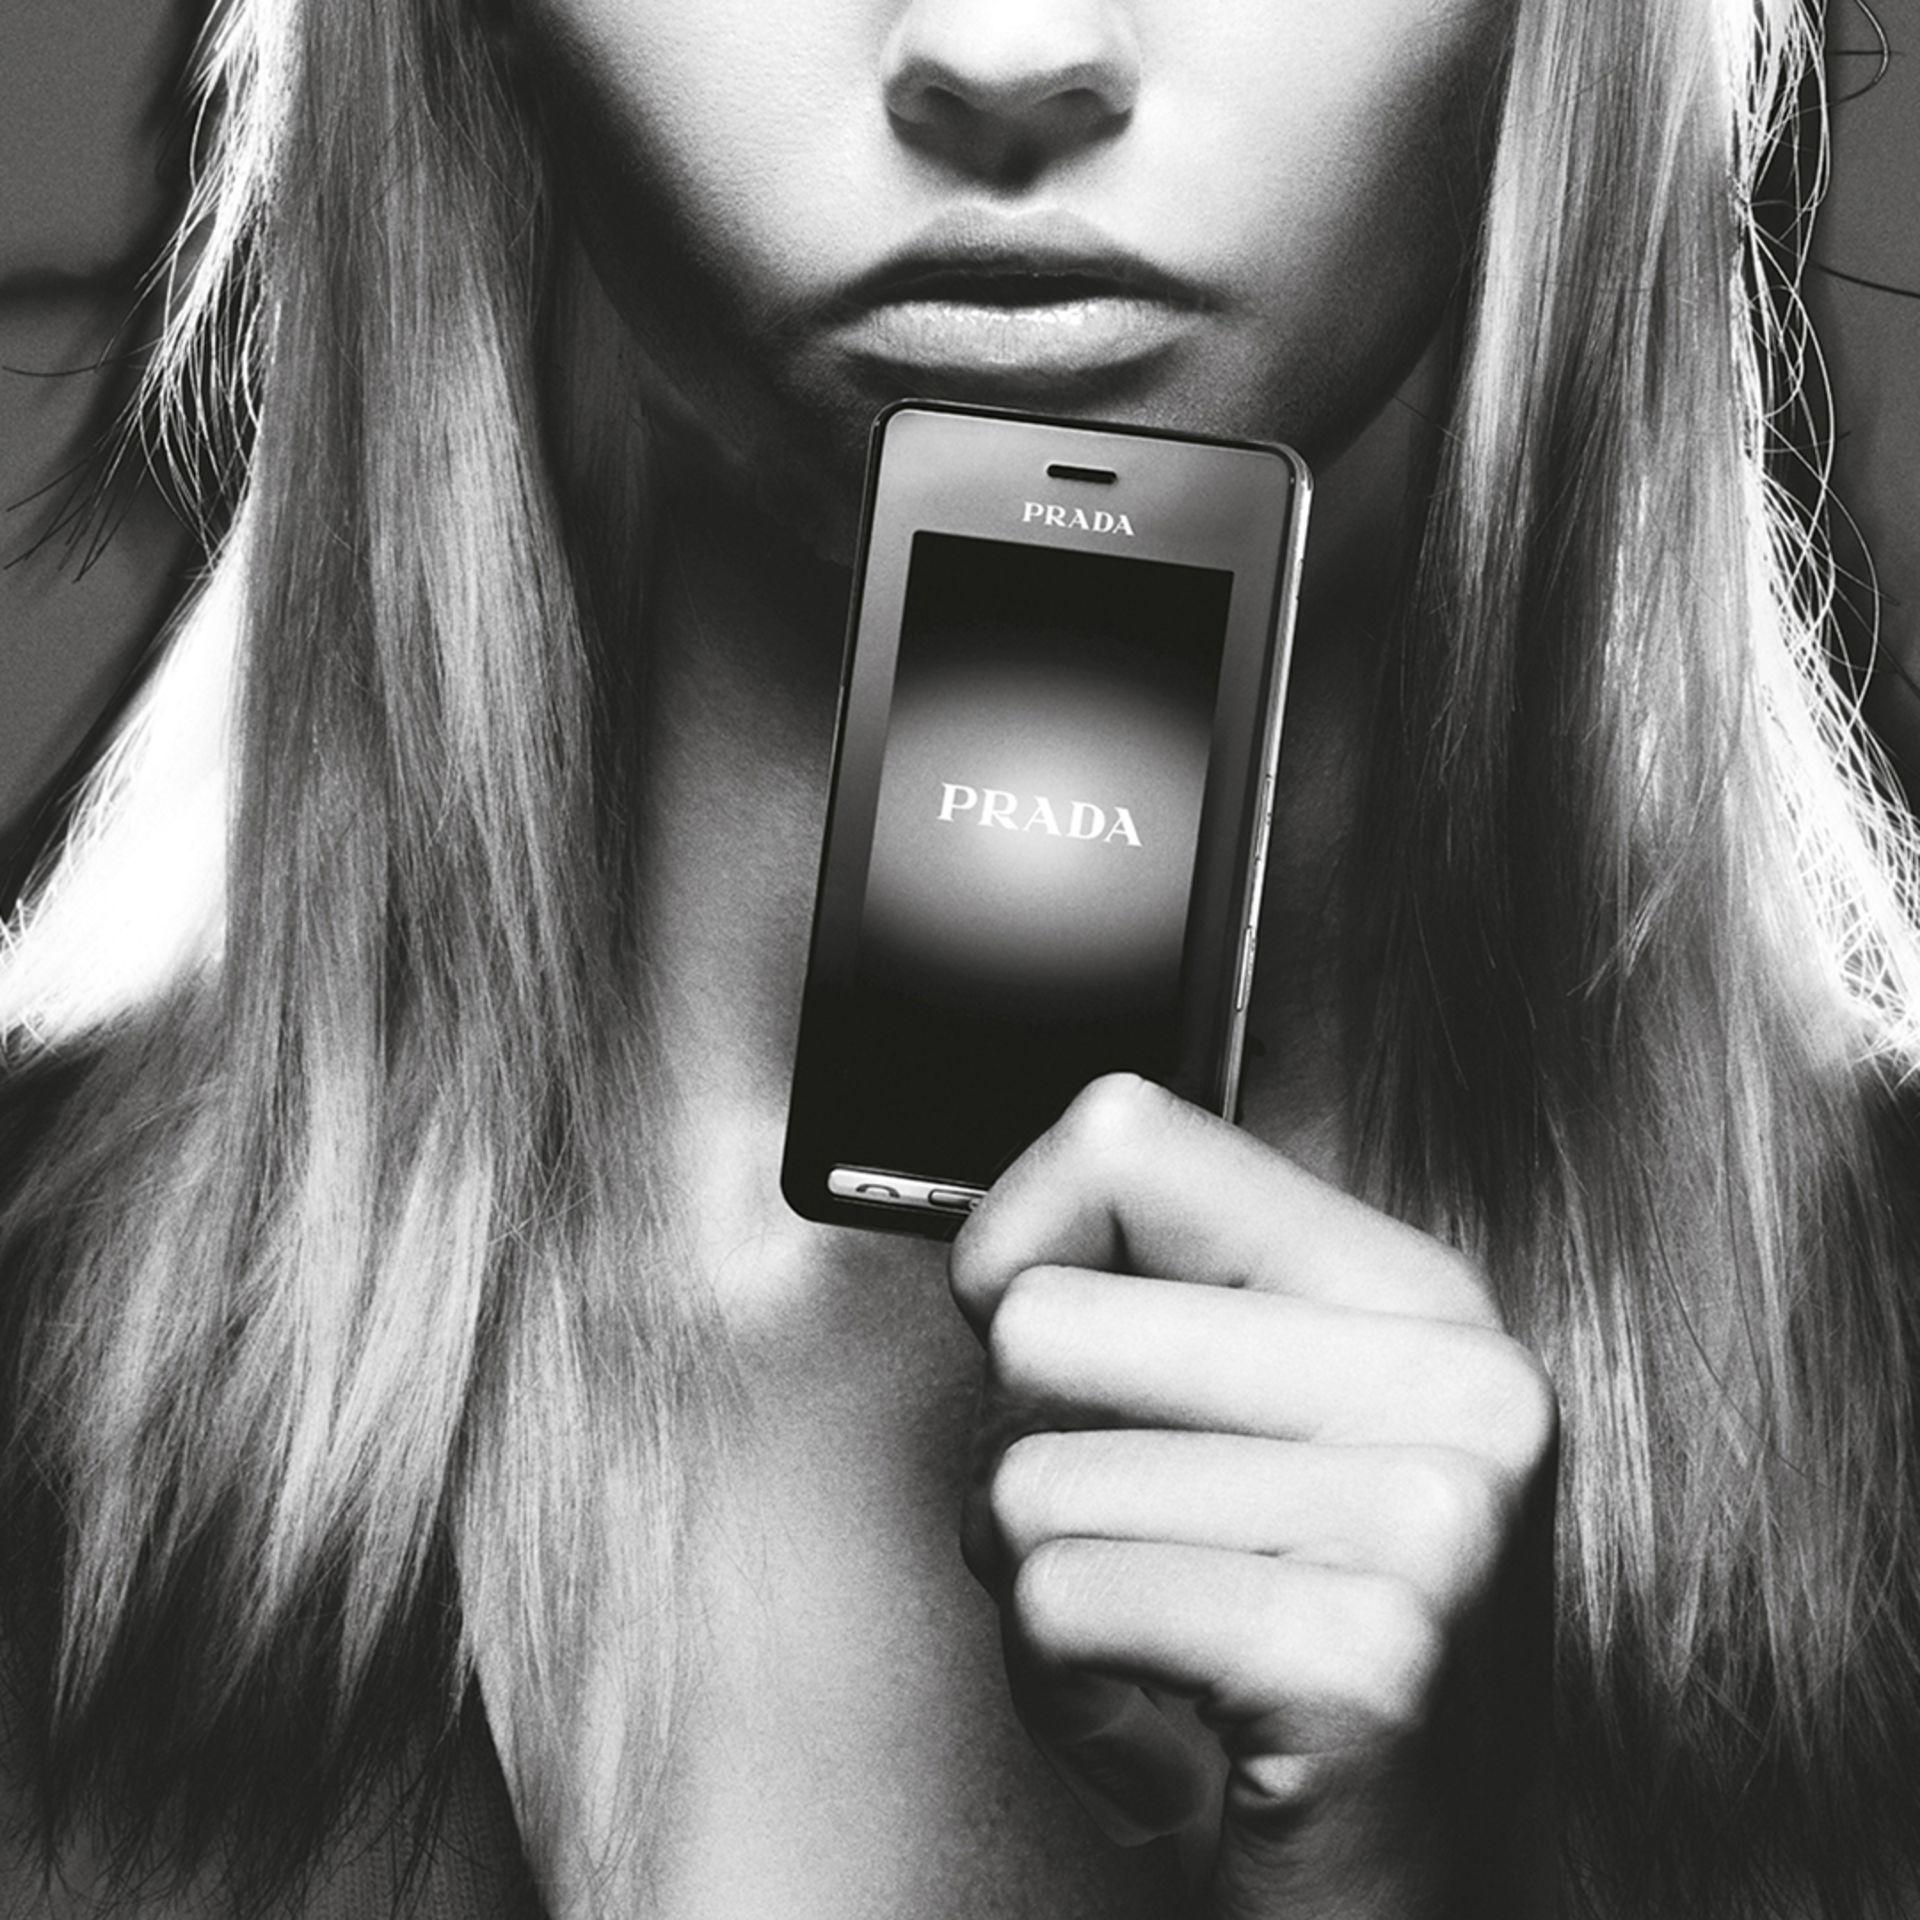 điện thoại cảm ứng của prada